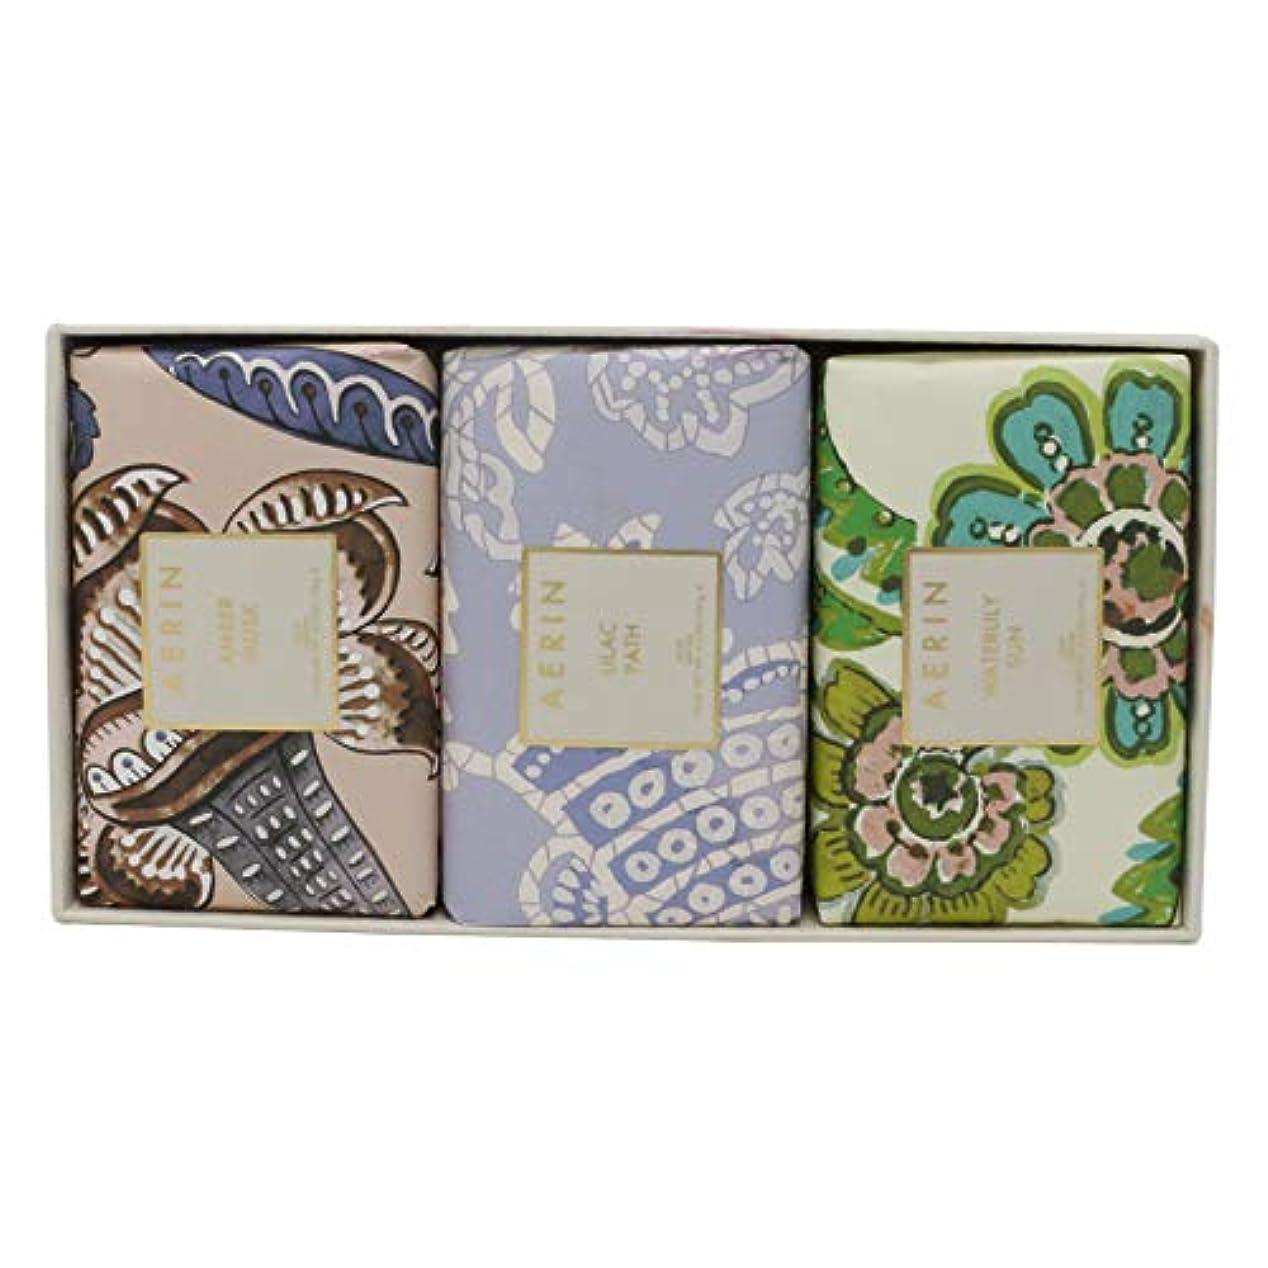 テーマ取り扱い質素なAERIN Beauty Soap Coffret(アエリン ビューティー ソープ コフレット ) 6.2 oz (186ml) Soap 固形石鹸 x 3個セットby Estee Lauder